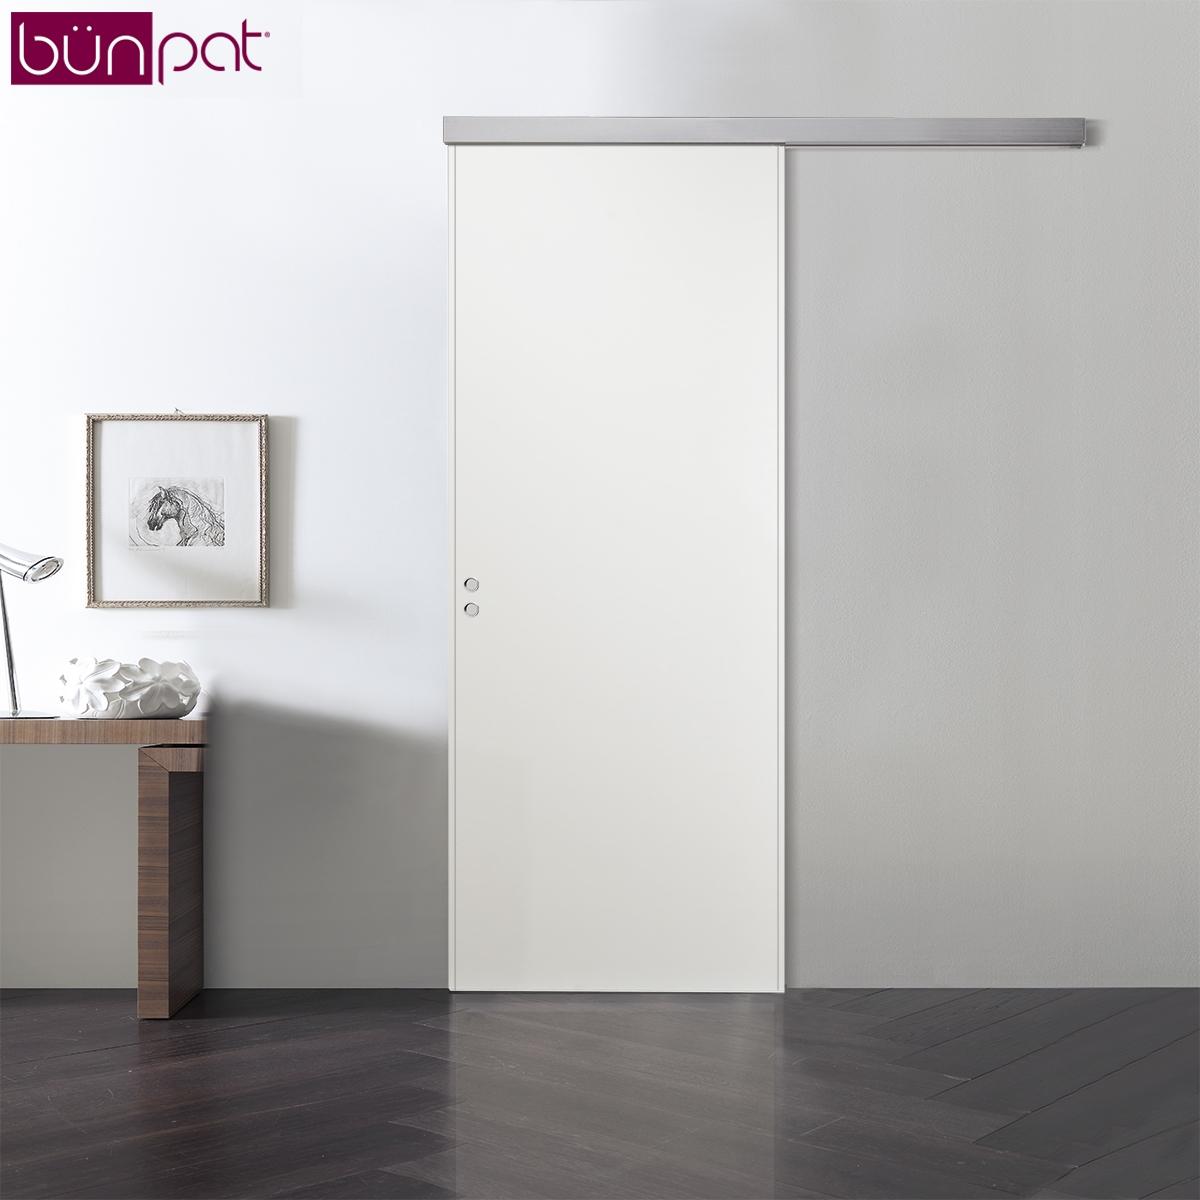 Porta bunpat scorrevole esterno muro colore bianco - Porte scorrevoli esterno muro prezzi ...